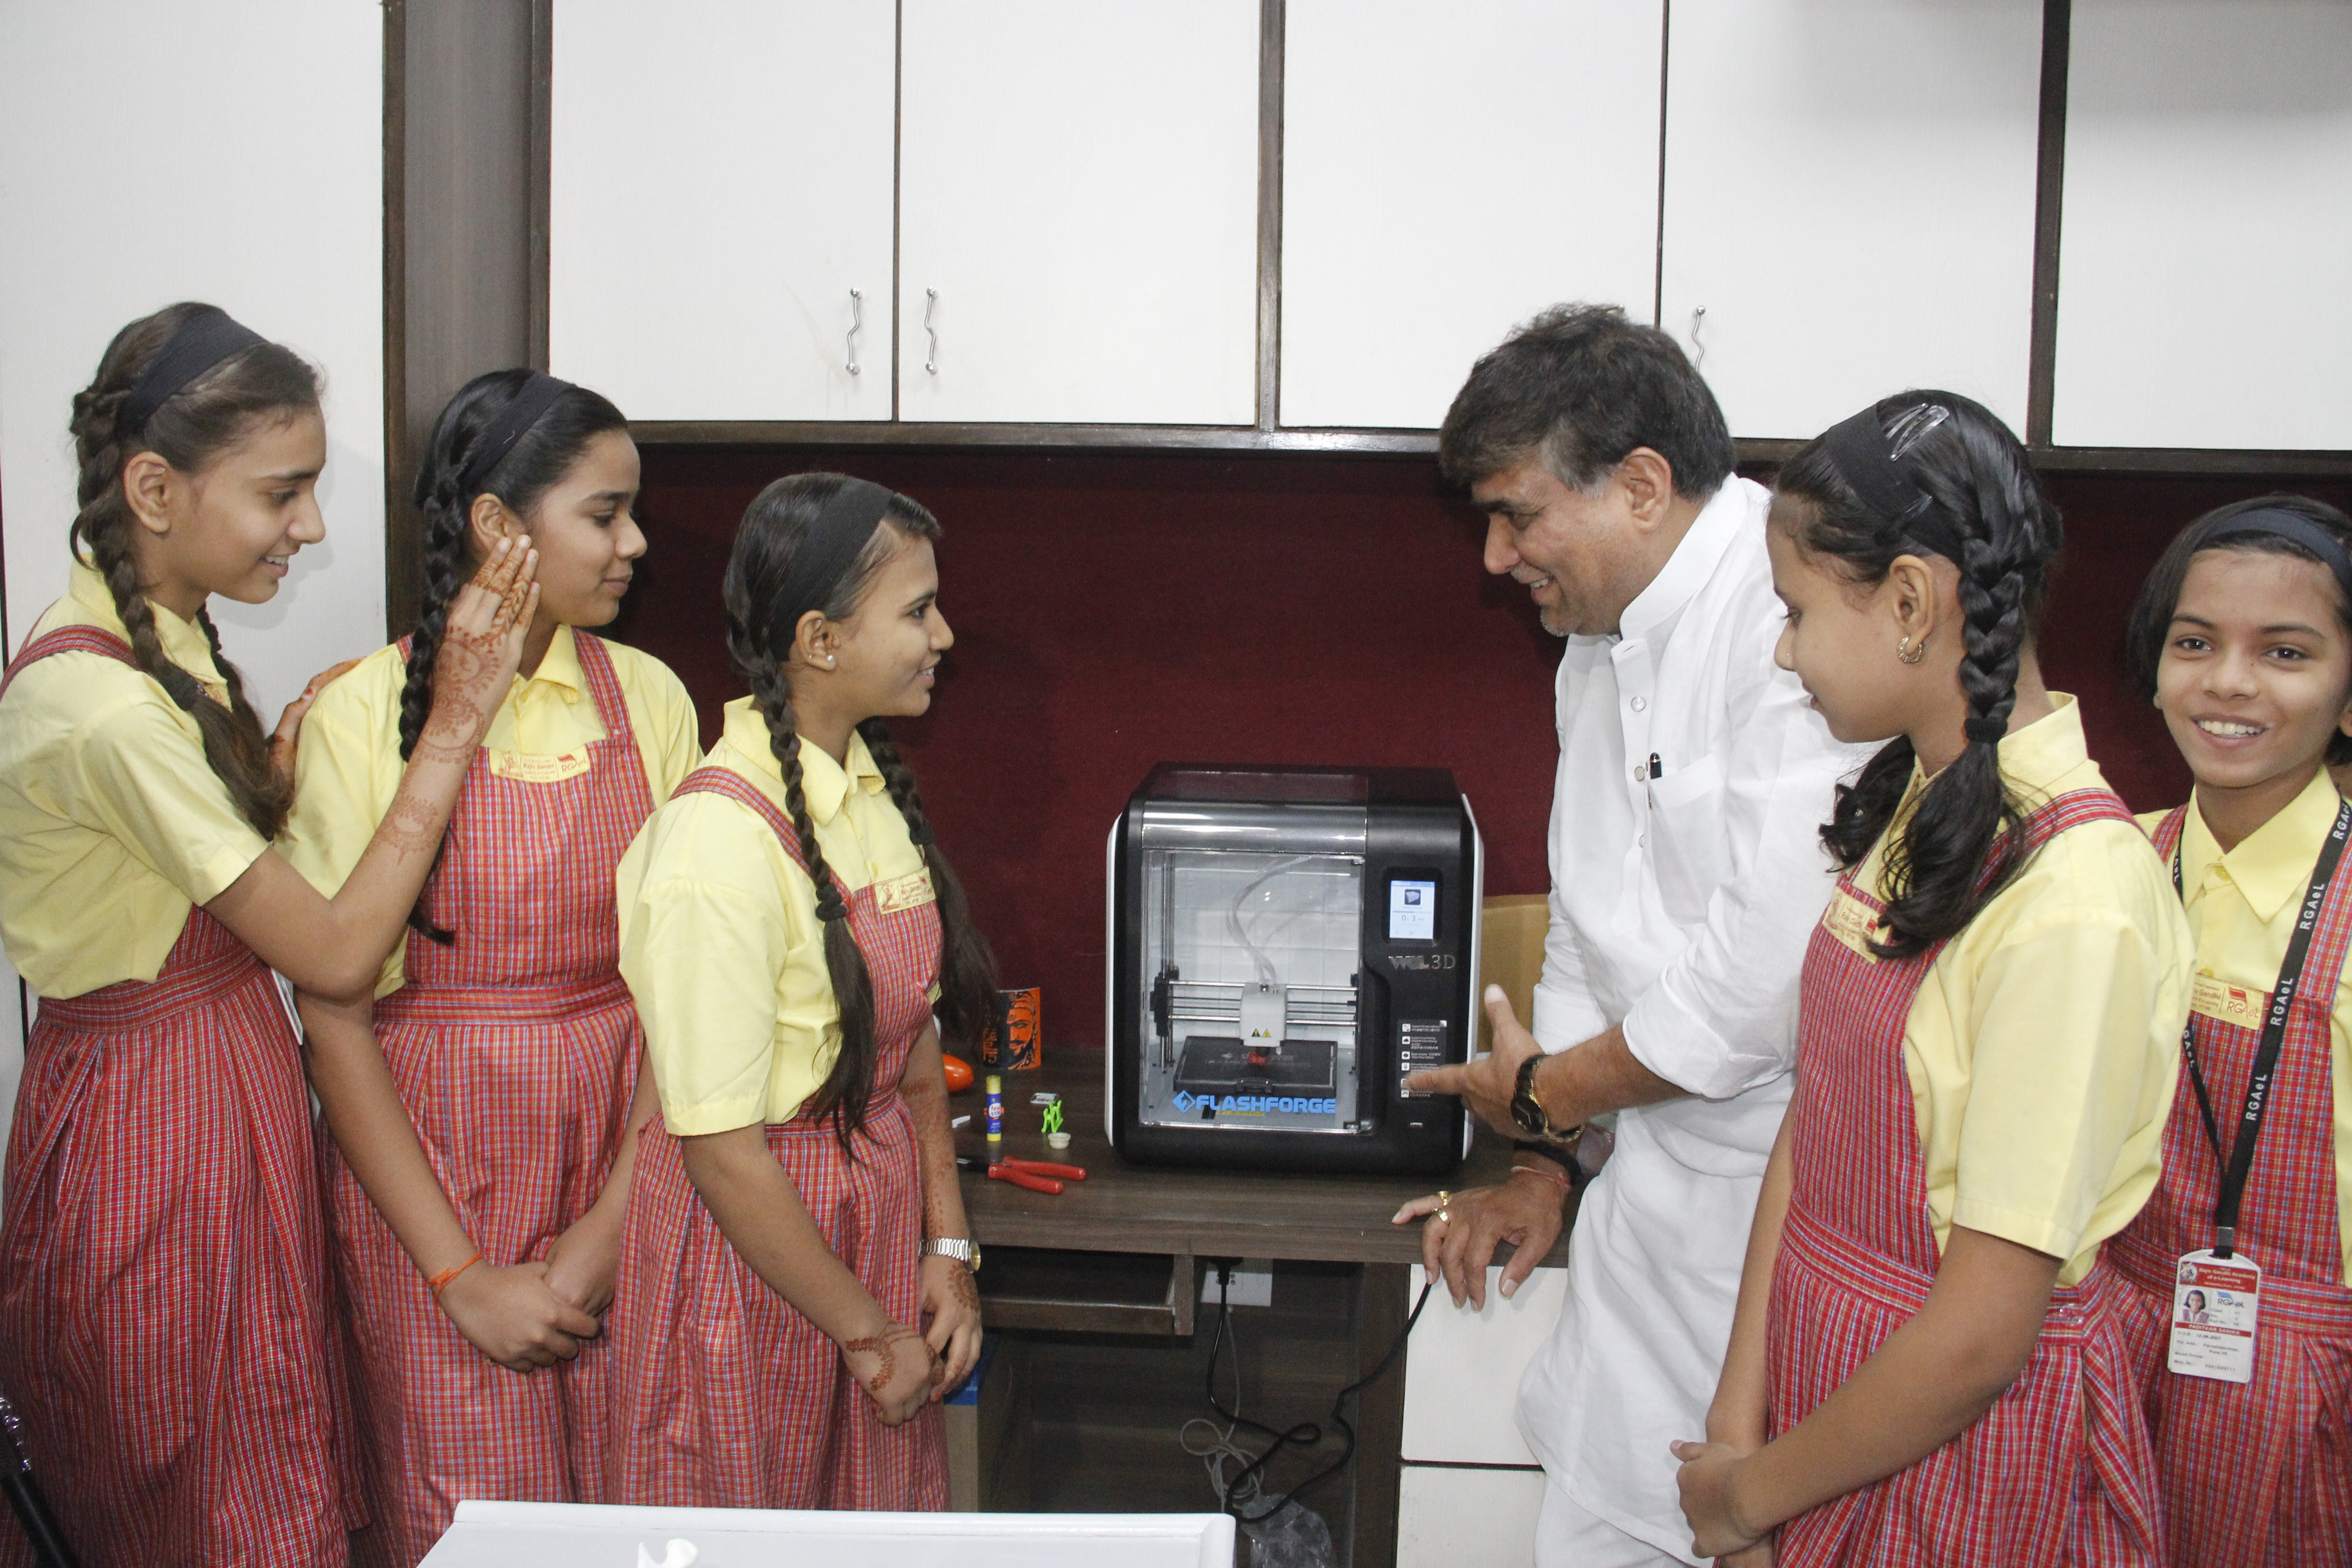 राजीव गांधी ई-लर्निंग स्कूलमध्ये  3डी प्रिंटींग व रोबोटिक्सचे शिक्षण